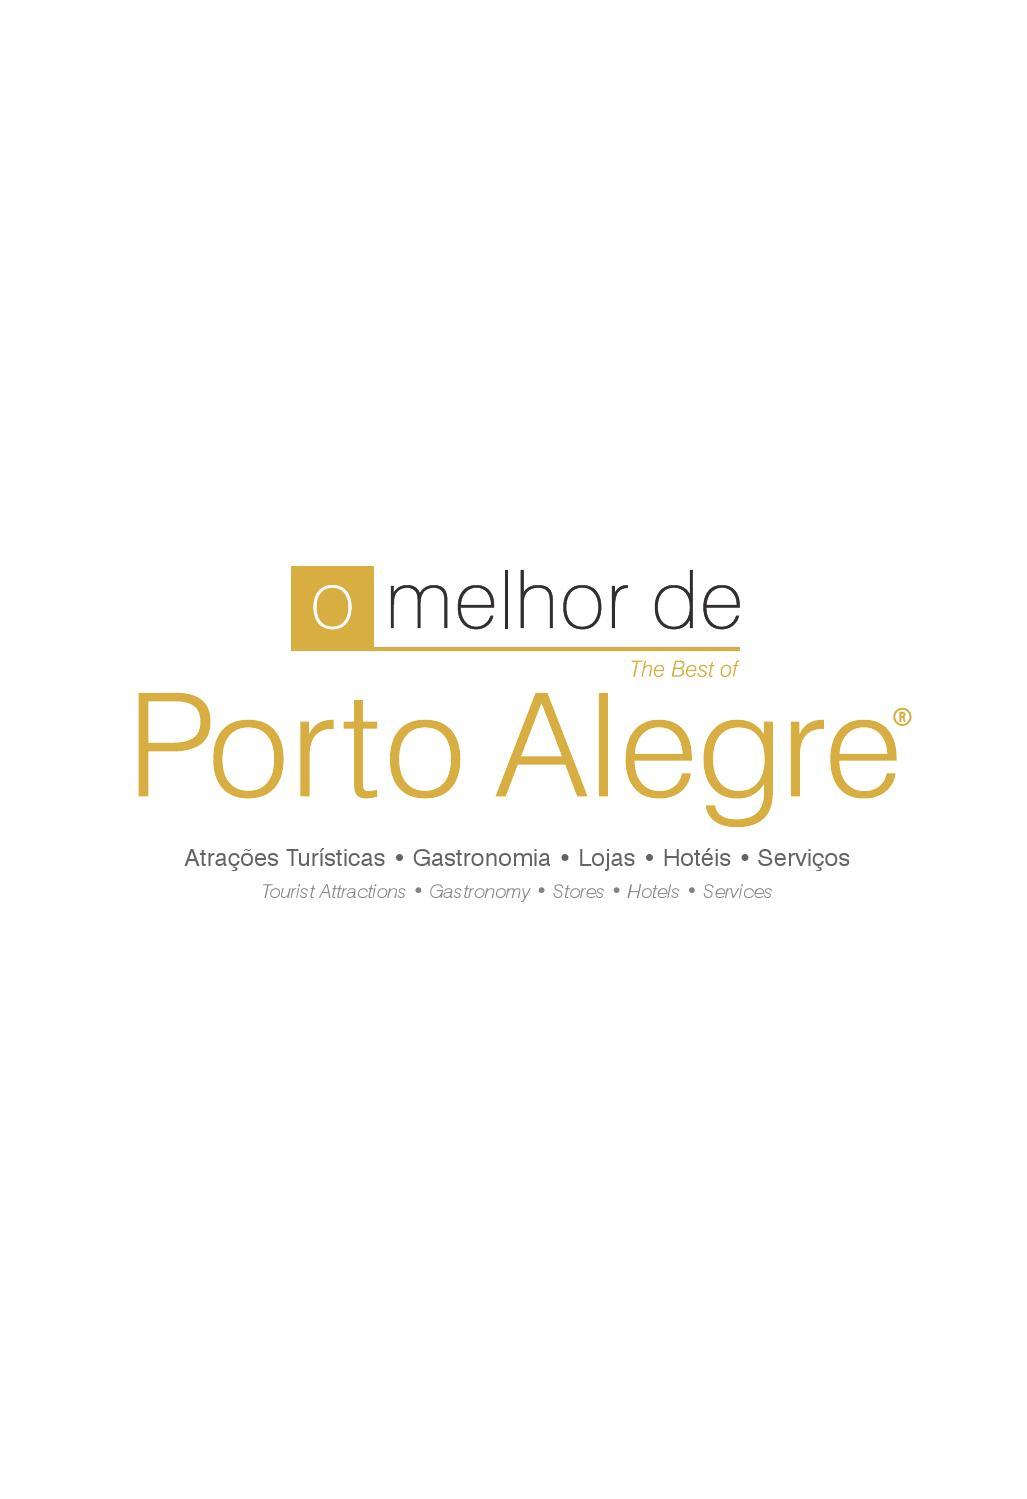 466e30e3d0153 O Melhor de Porto Alegre by melhor de porto alegre - issuu